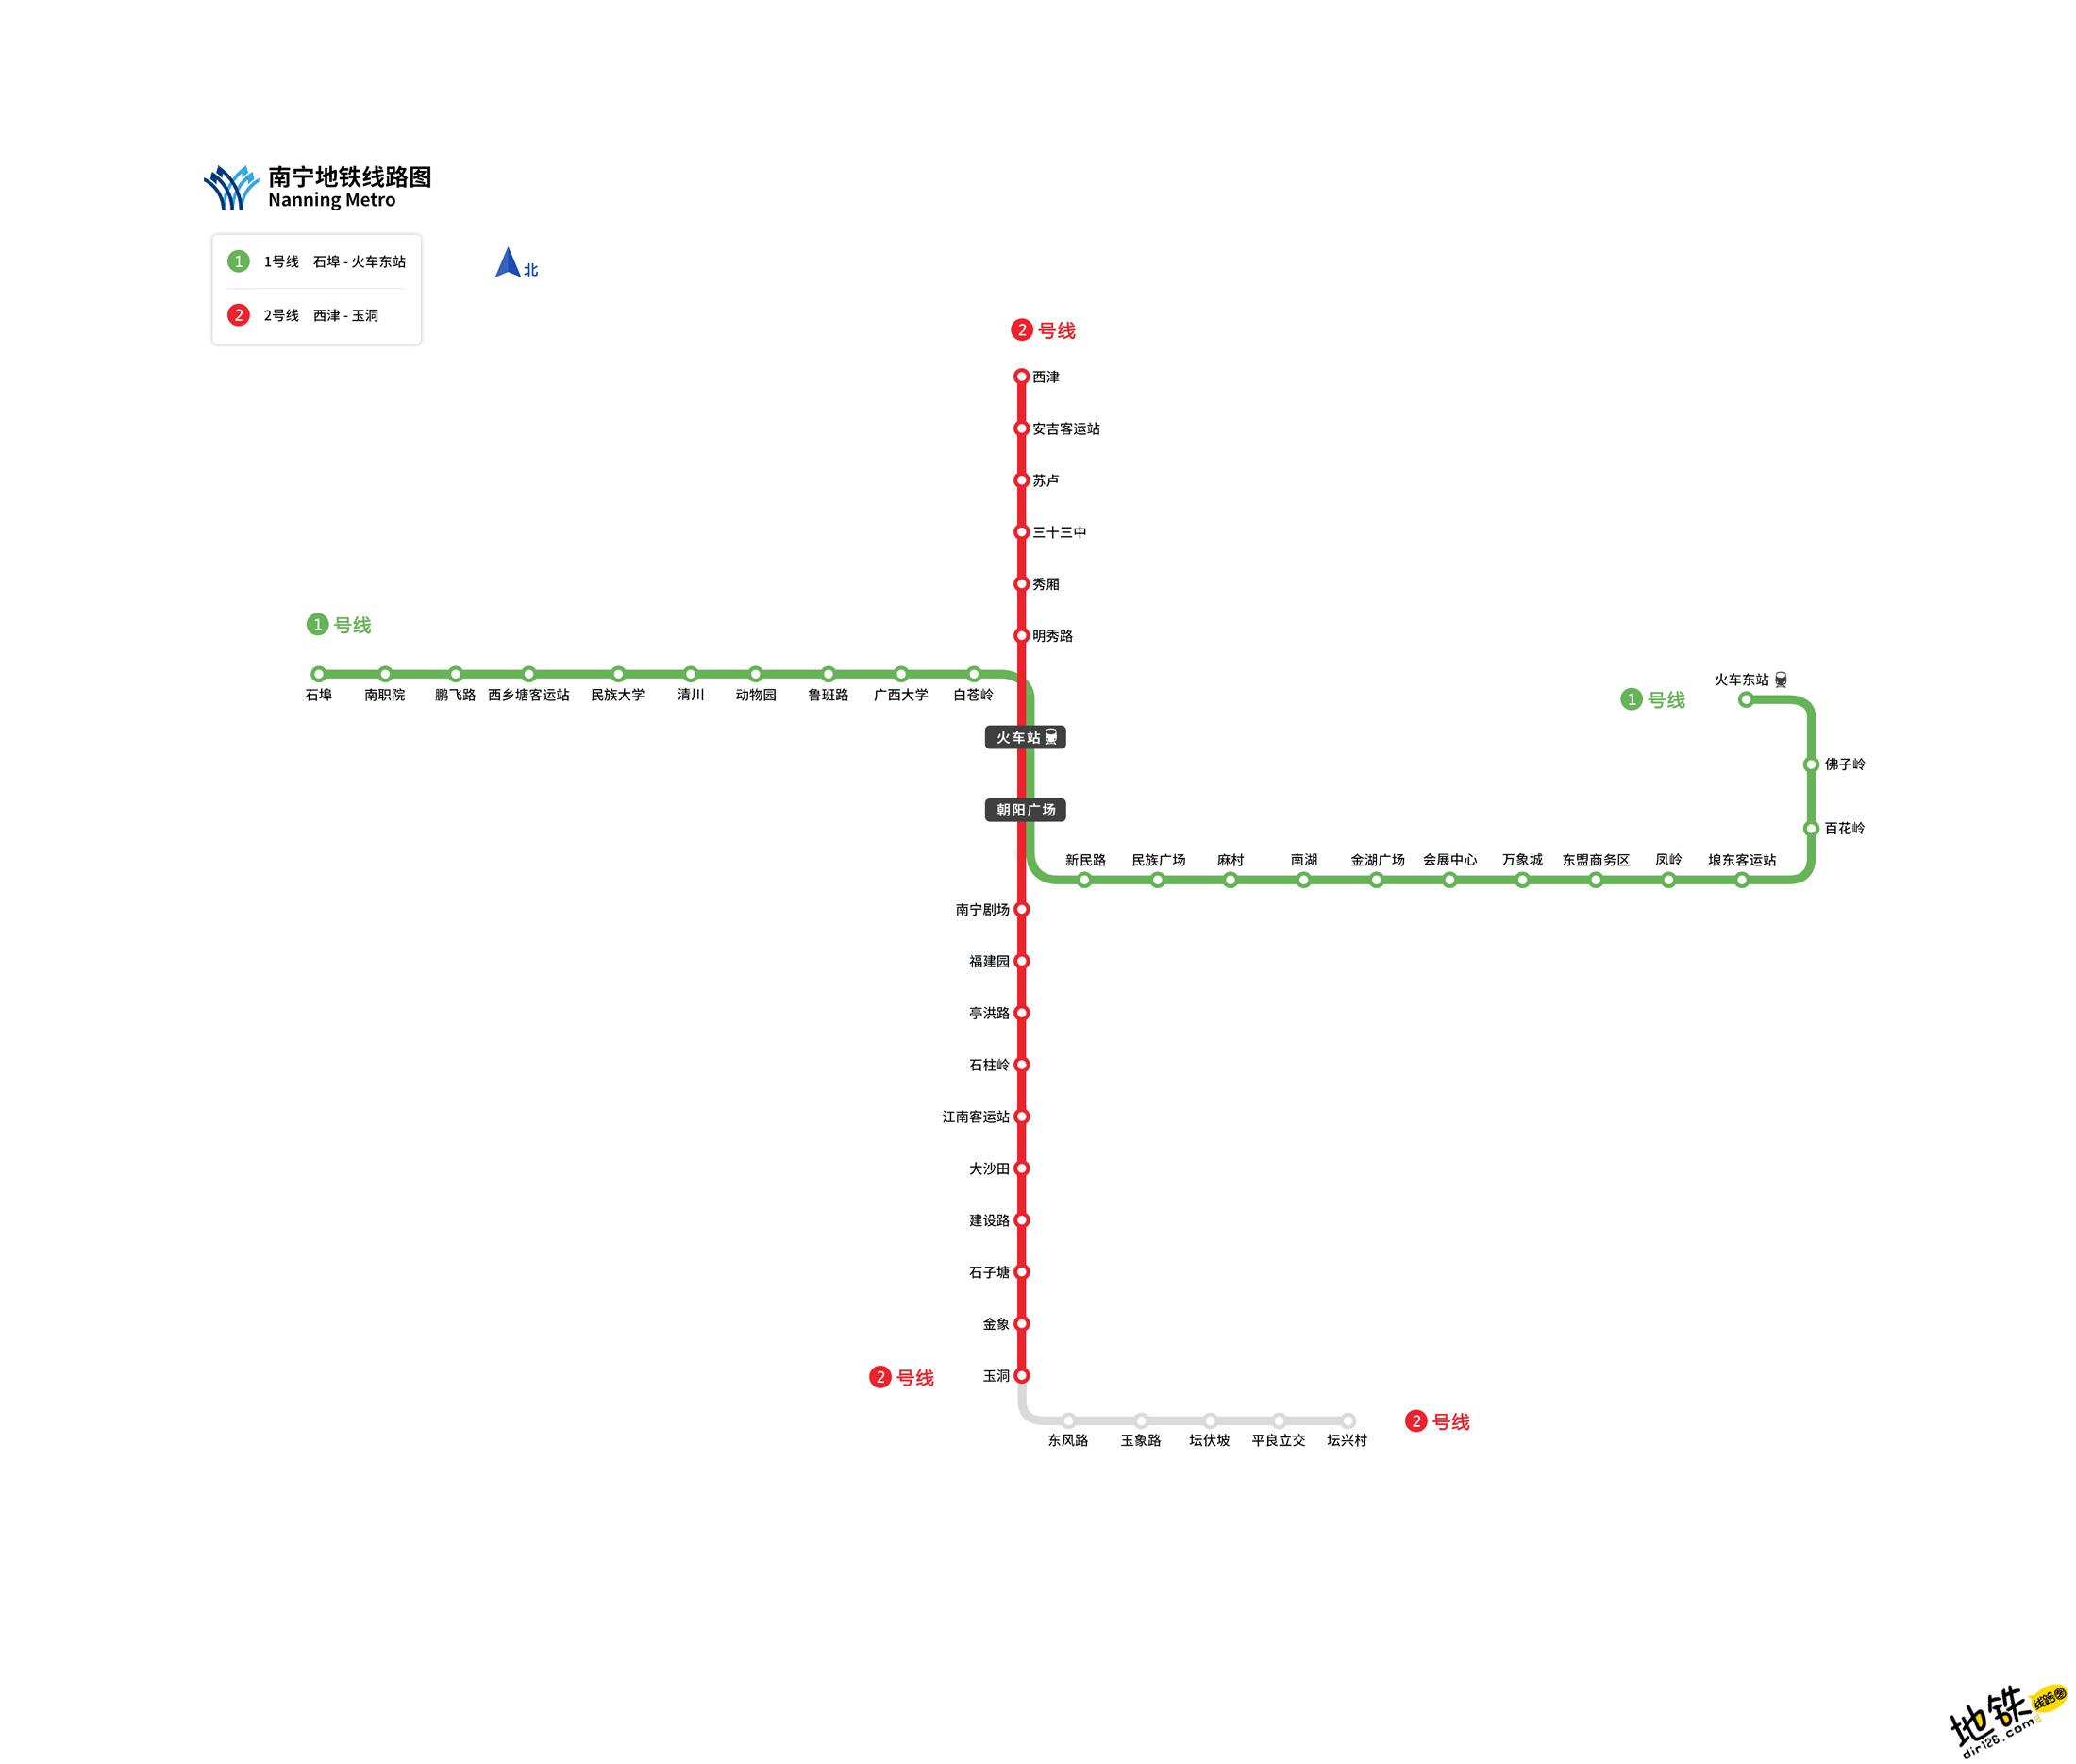 南宁地铁线路图 运营时间票价站点 查询下载 南宁地铁查询 南宁地铁线路图 南宁地铁票价 南宁地铁运营时间 南宁地铁 南宁地铁线路图  第1张